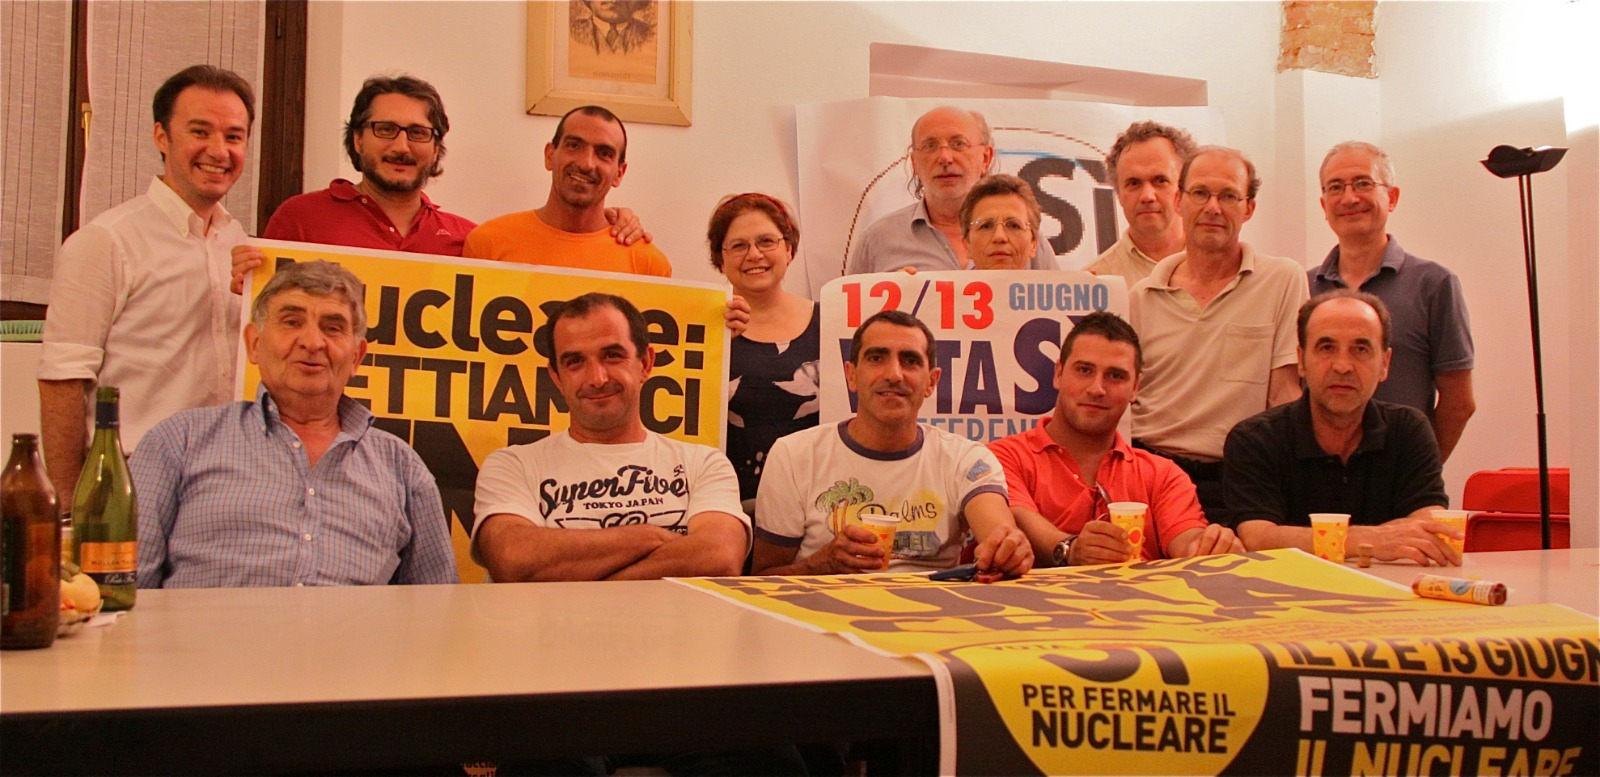 franci nucleare.jpg